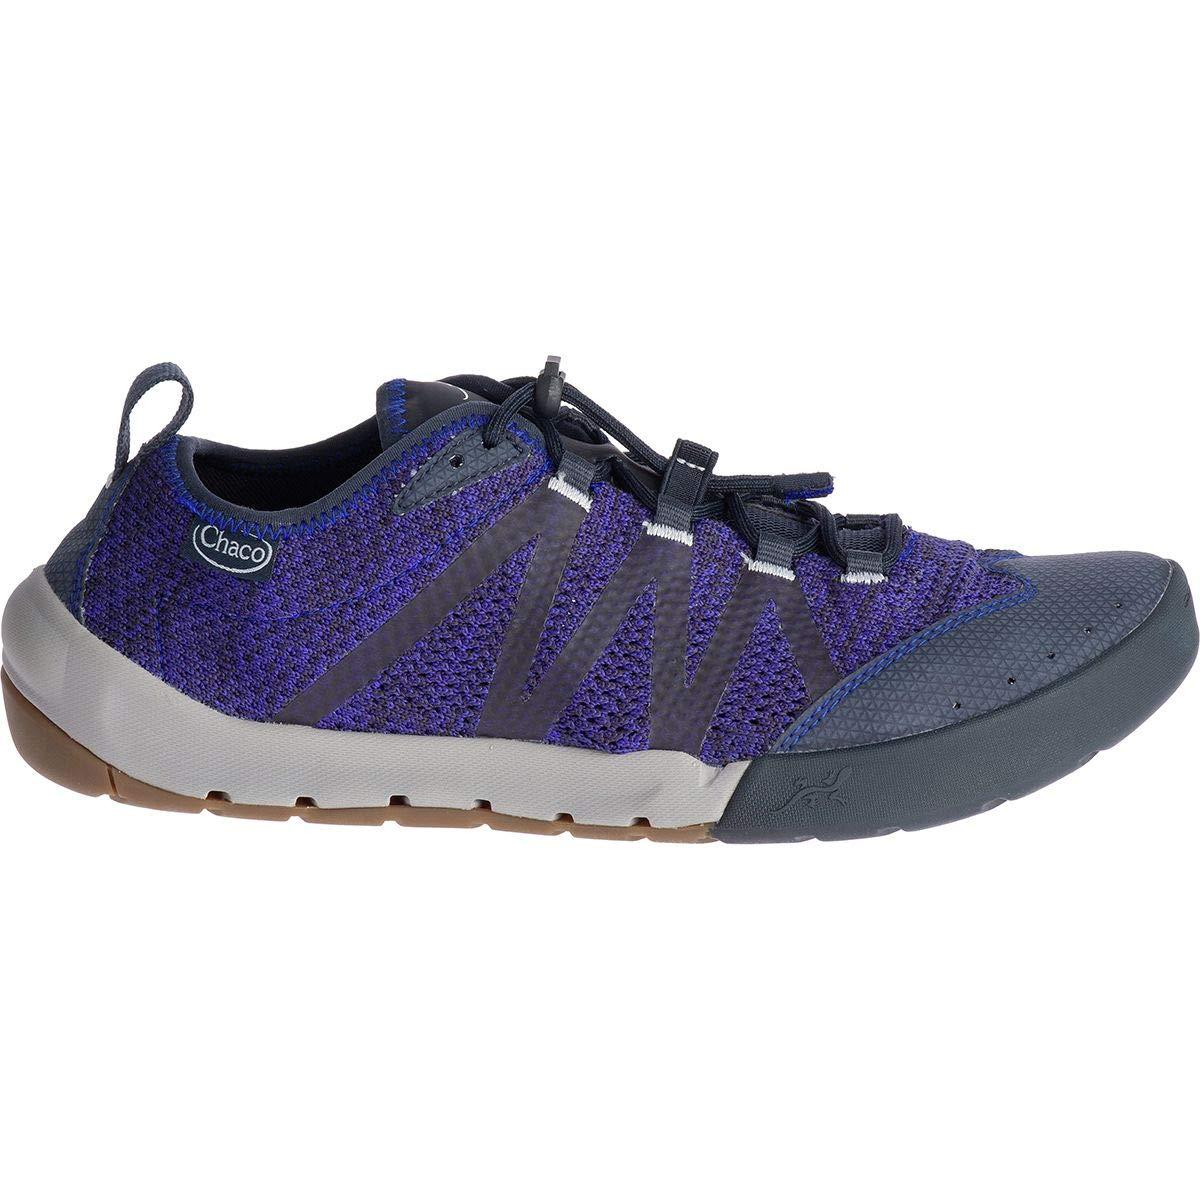 Navy Chaco Men's Torrent Pro Sport Sandal